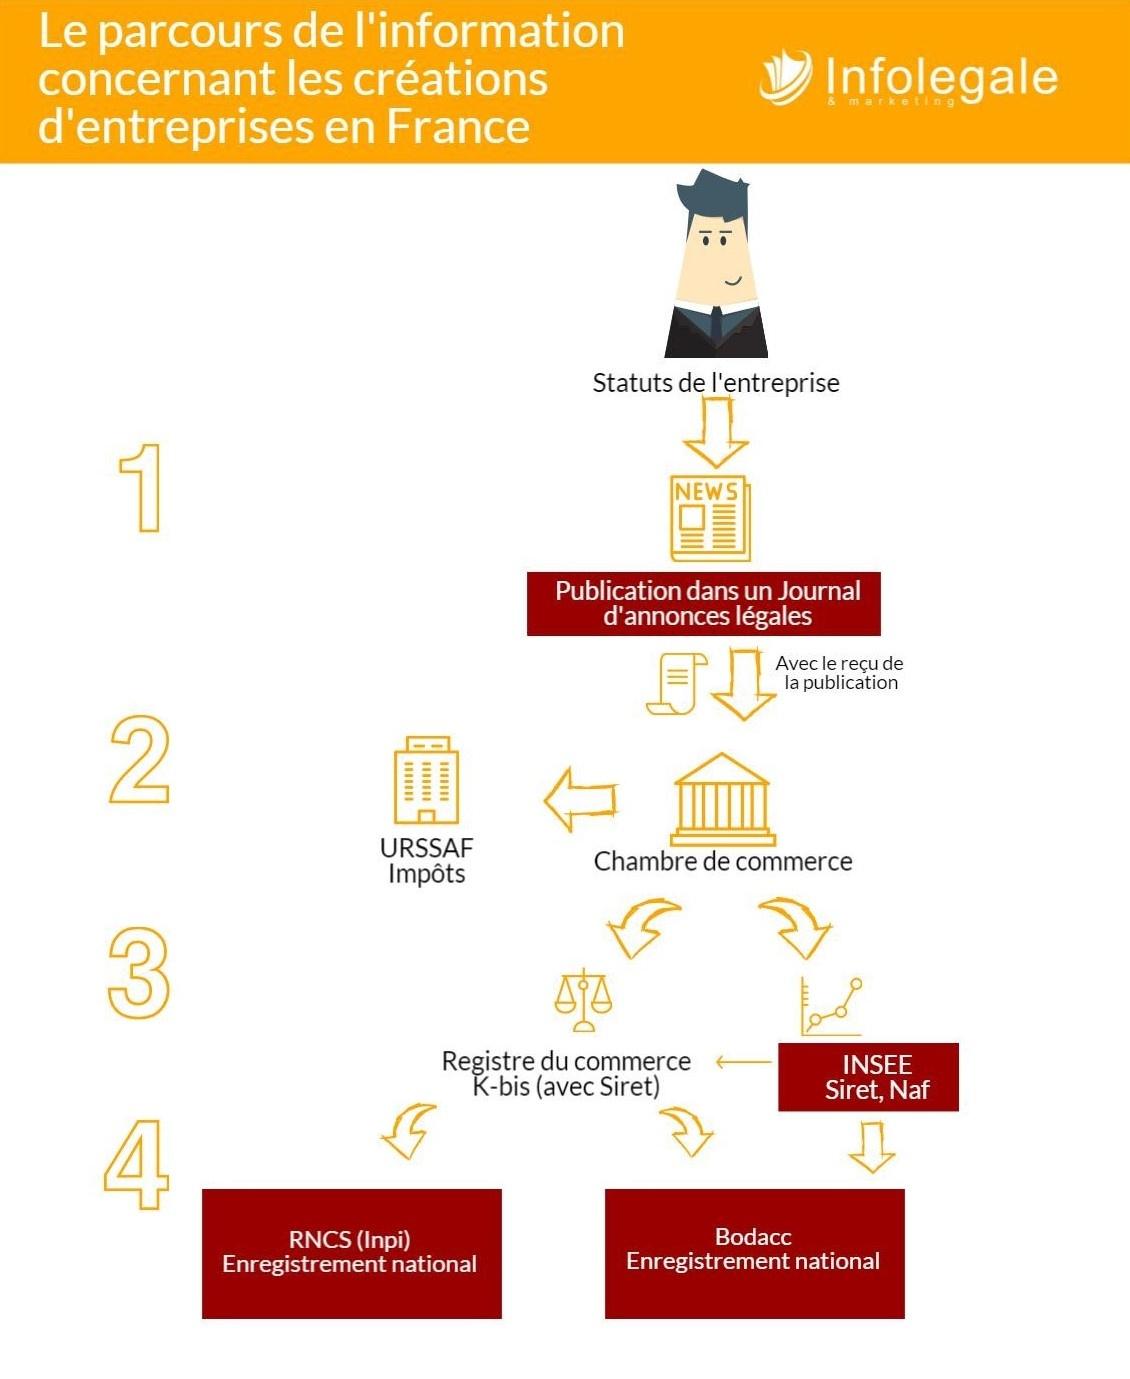 Le parcours de l'information concernant les créations d'entreprises en France